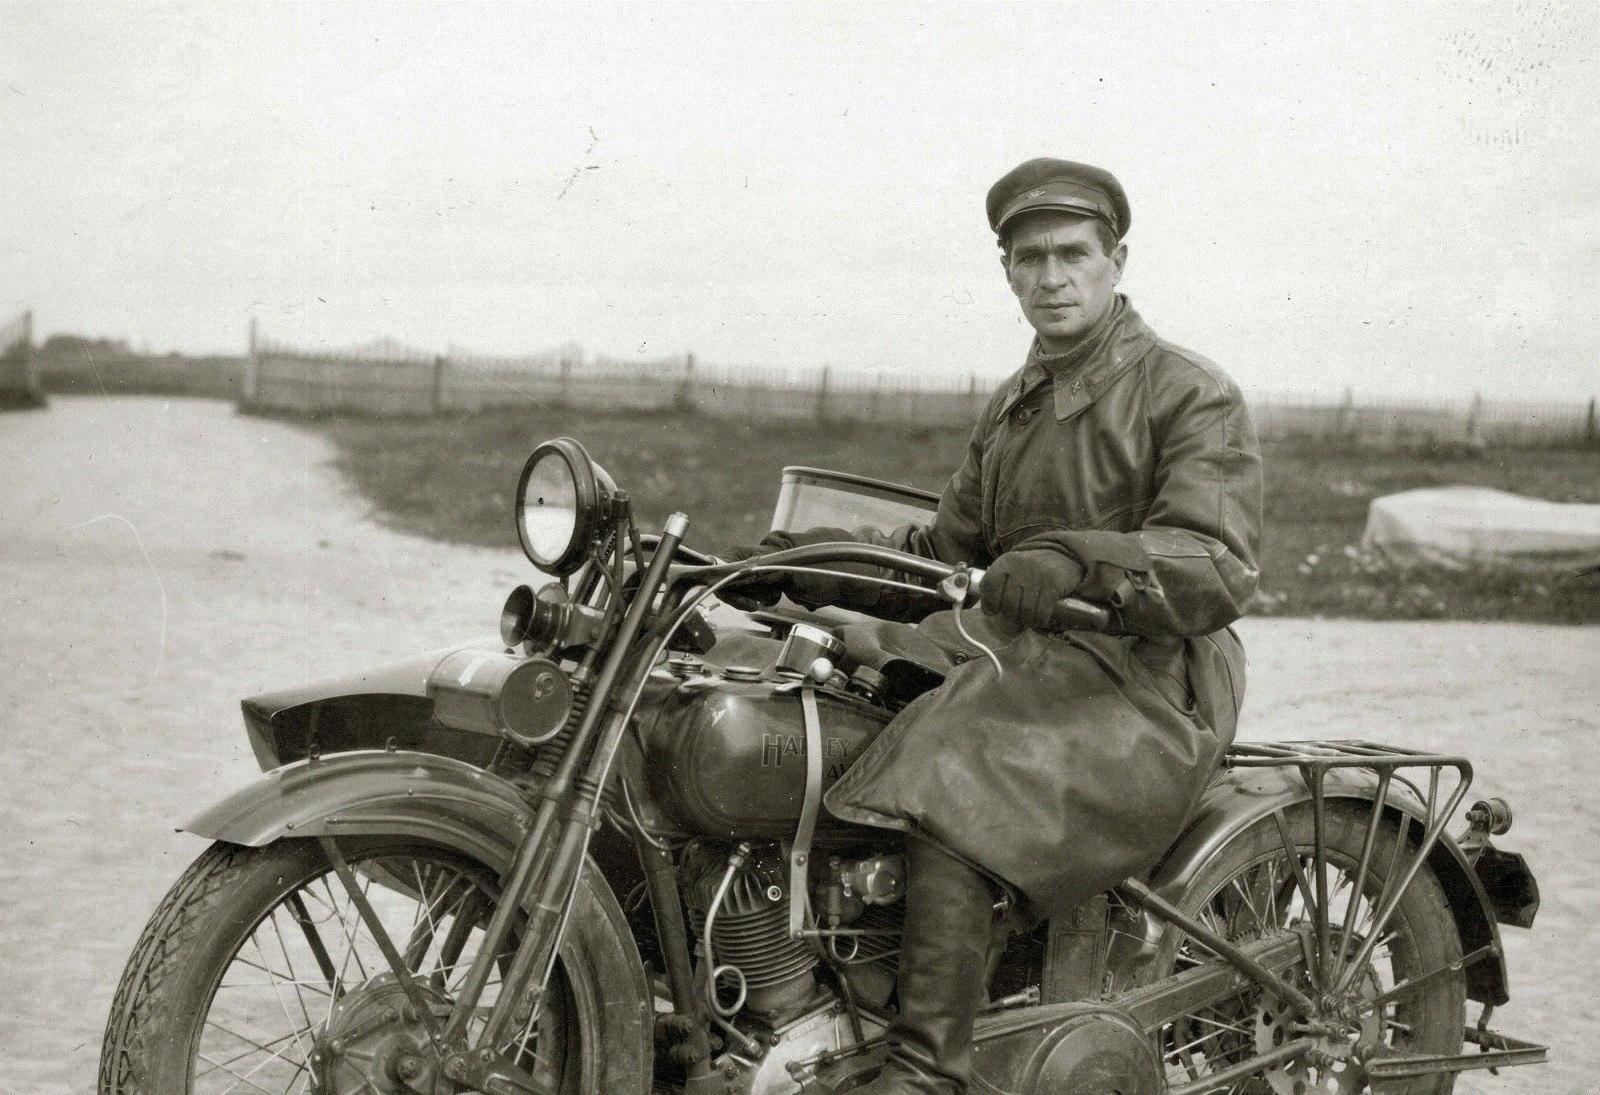 Комбриг Красной армии на мотоцикле Harley-Davidson